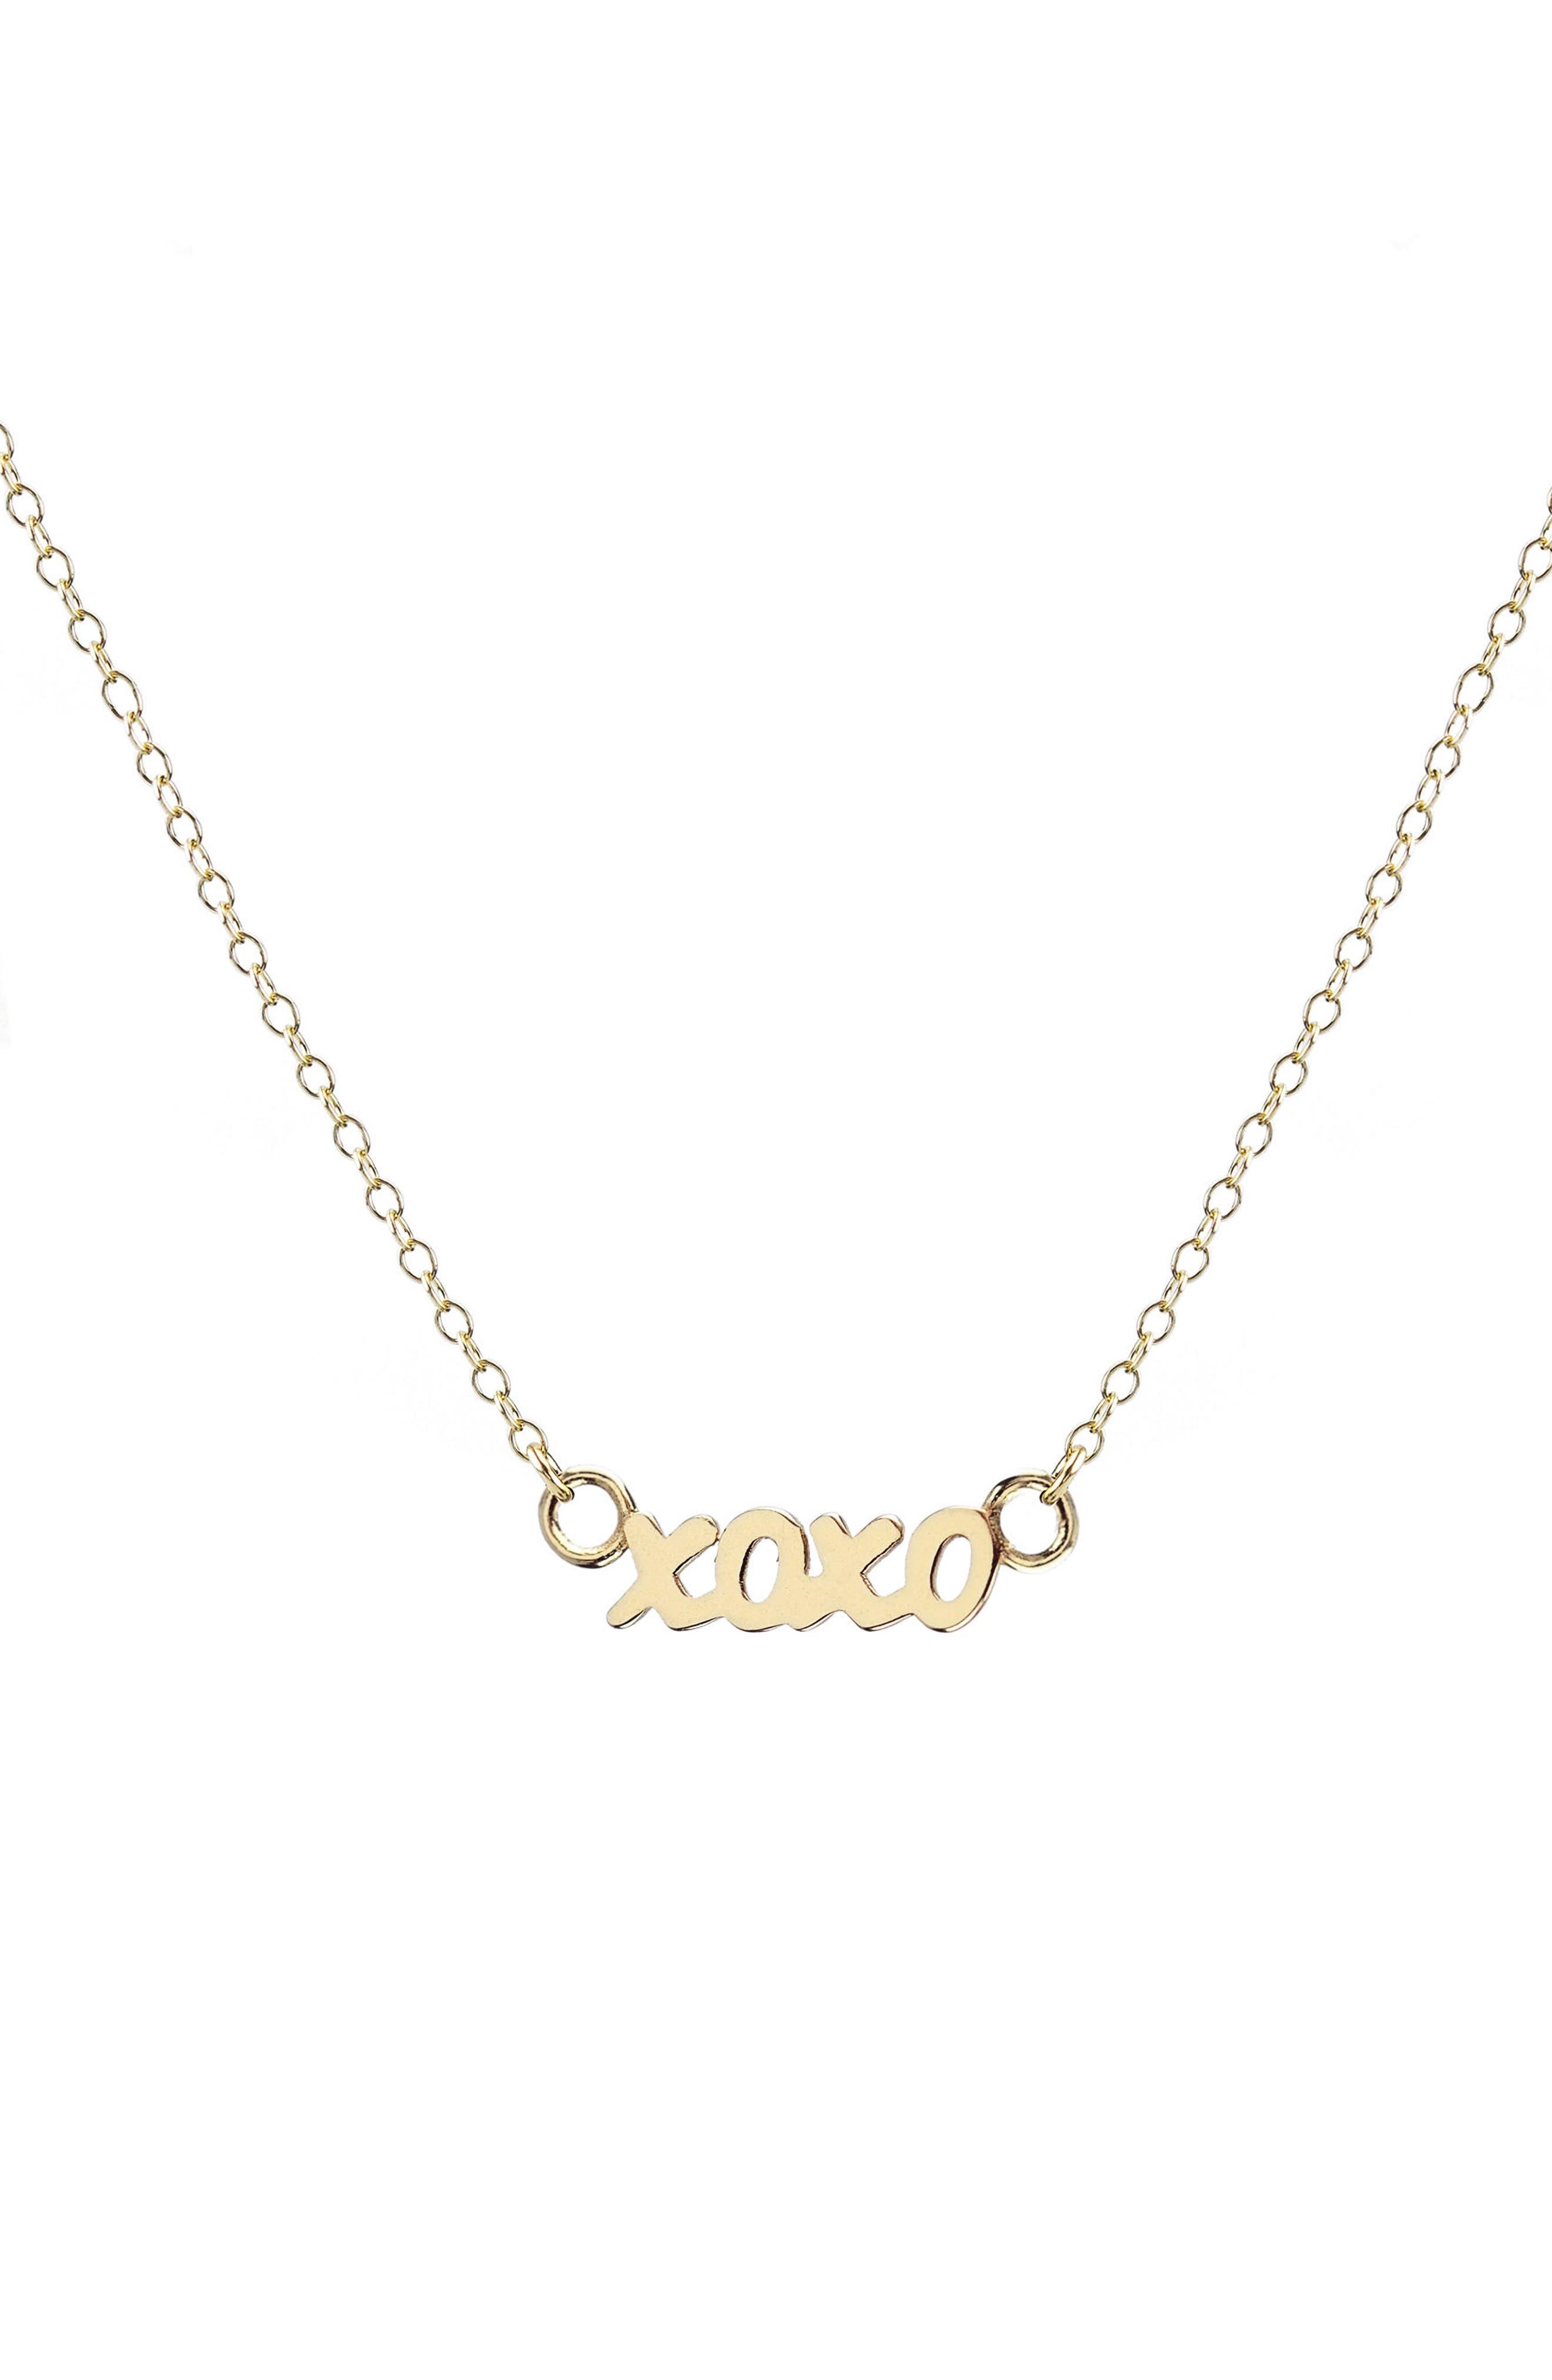 Kris Nations XOXO Script Necklace